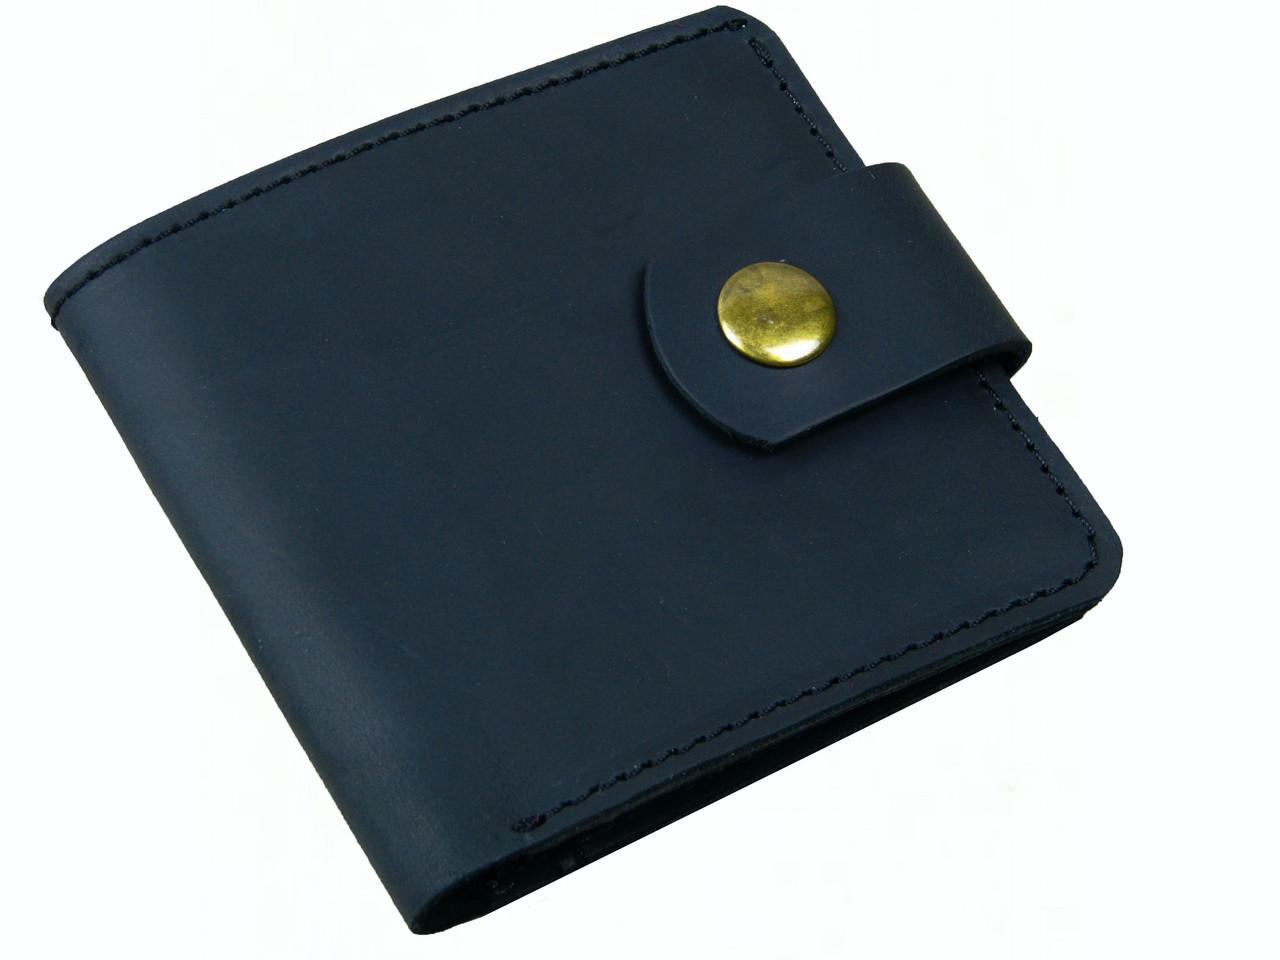 Мужской кожаный кошелек бумажник GS черный